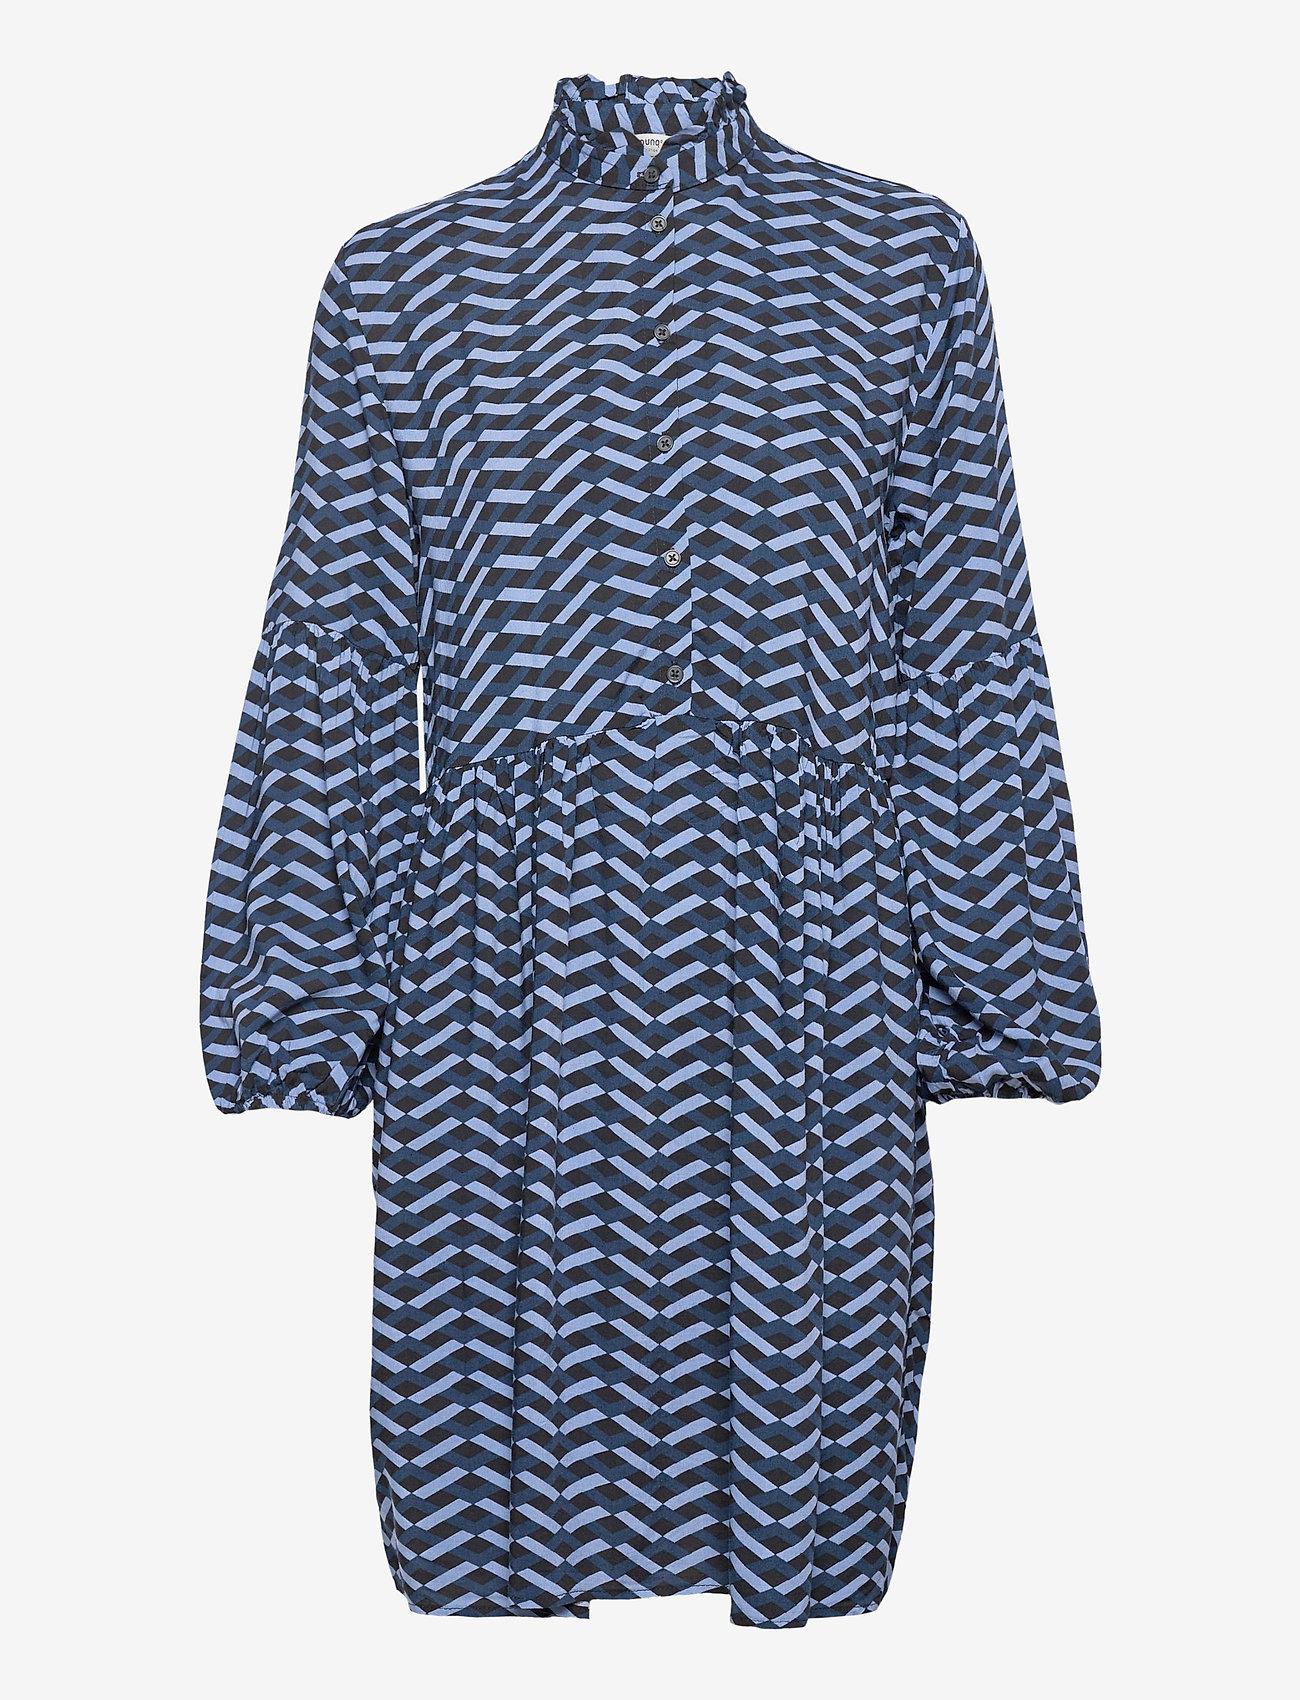 b.young - BYHENNA DRESS - - korta klänningar - country blue mix - 0